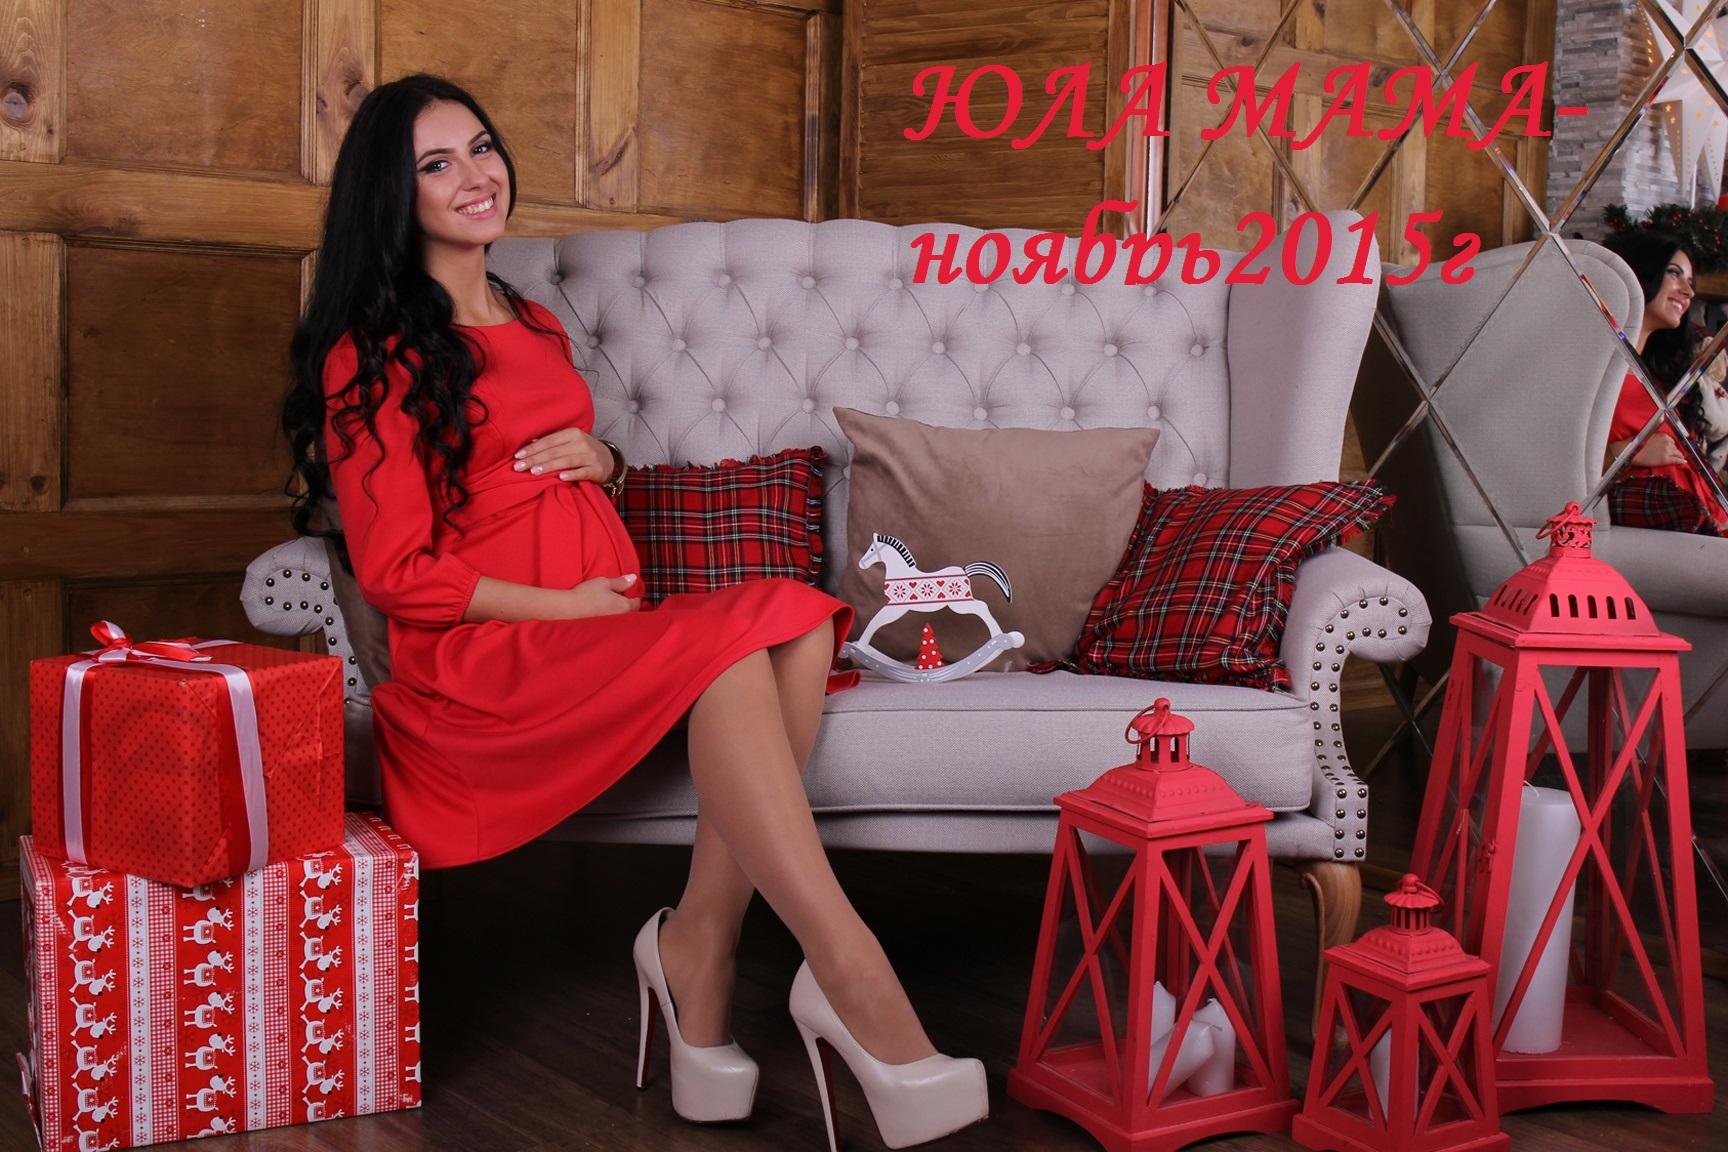 Сбор заказов. Одежда для стильных и мобильных мам. Юла мама-11. Качество замечательное. Огромный выбор одежды для беременных и кормящих, верзняя одежда, одежда для дома. Новогодняя коллекция. Наличие озвучу сразу.Без обновки не останетесь)